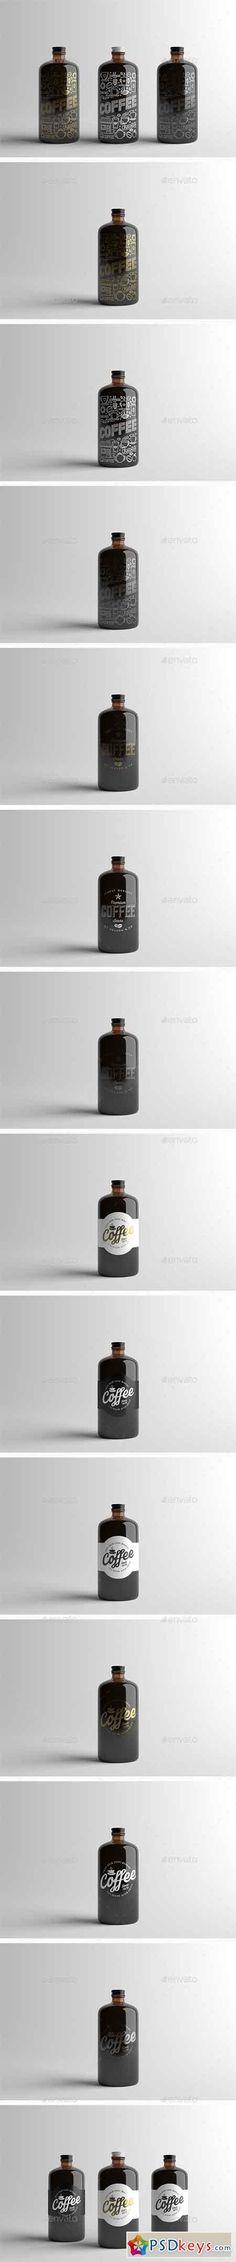 Coffee Bottle Packaging Mock-Up 15512013